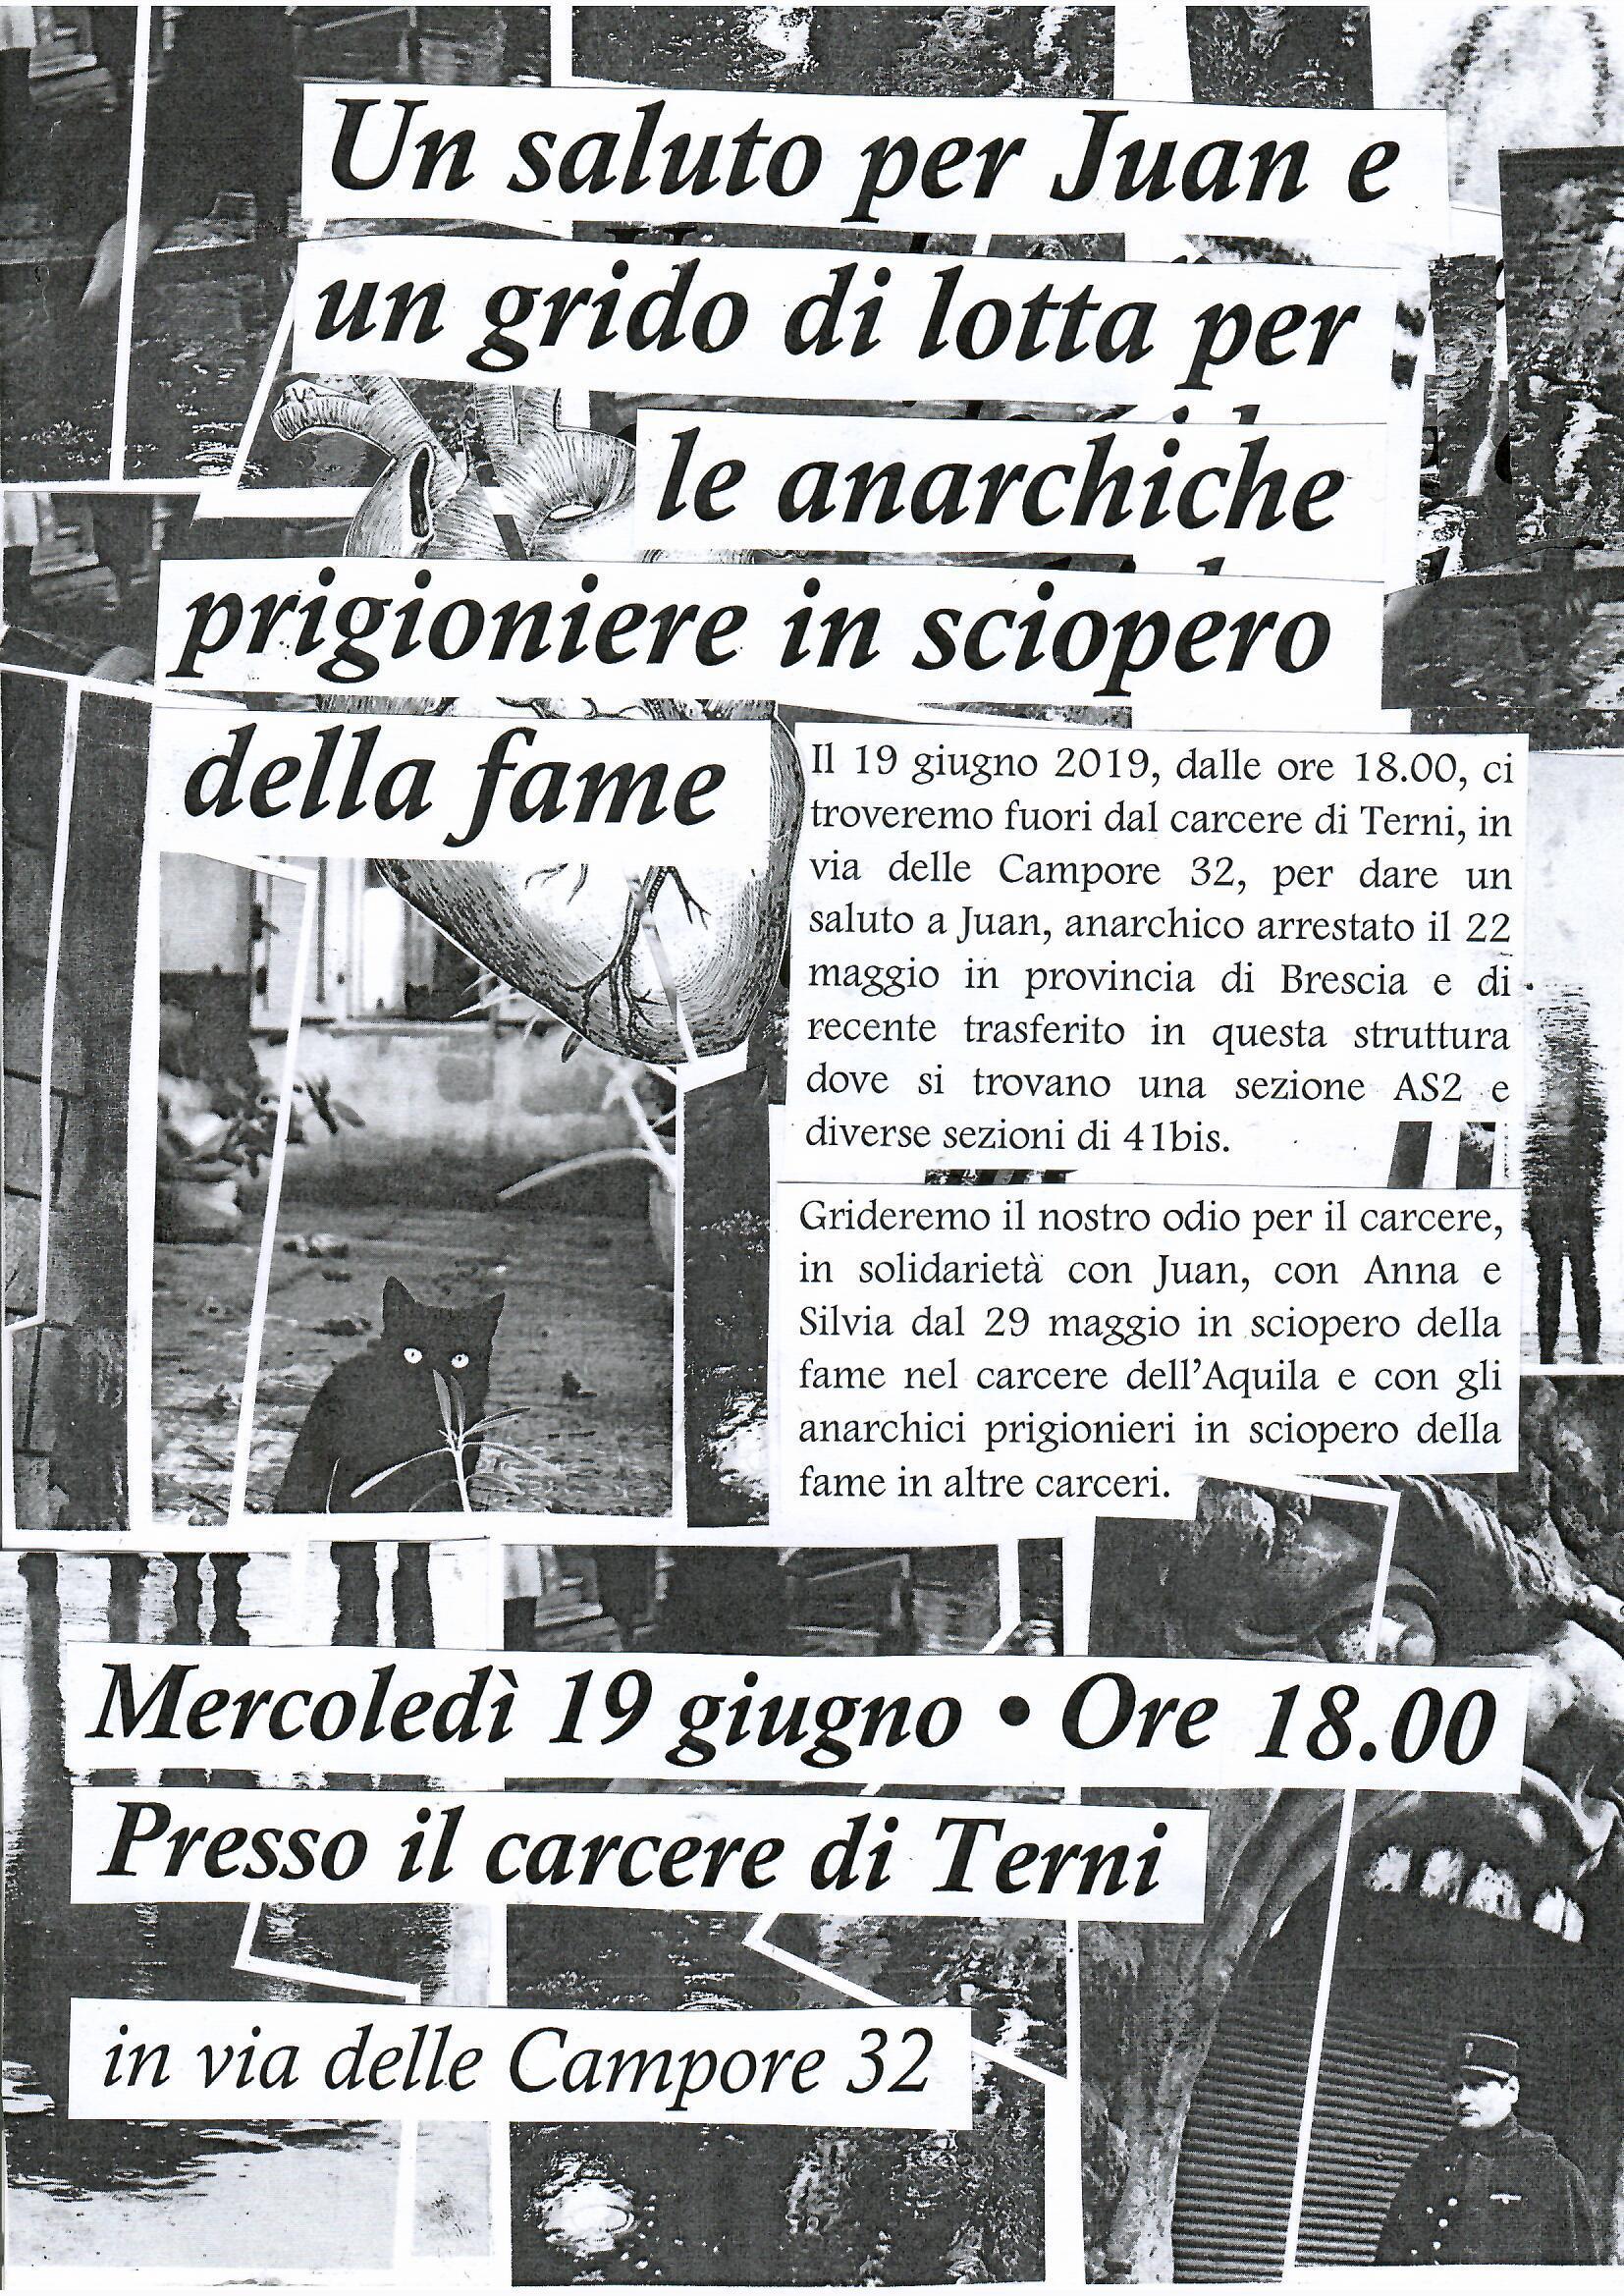 https://anarhija.info/library/t-i-terni-italia-19-giugno-un-saluto-per-juan-e-un-1.jpg